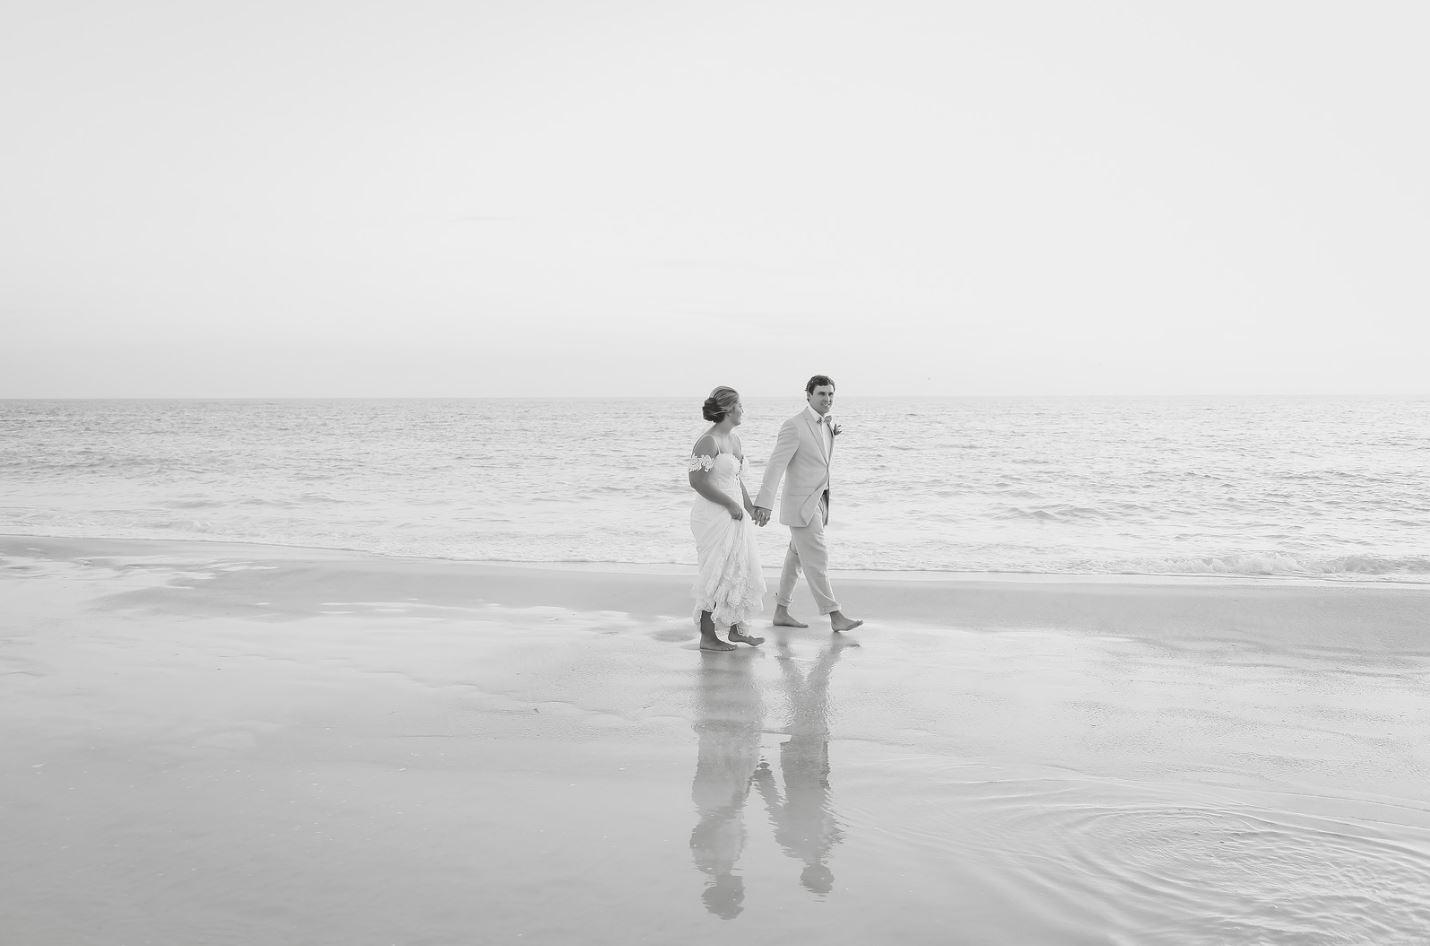 Jaime_wedding_photographer_031.JPG